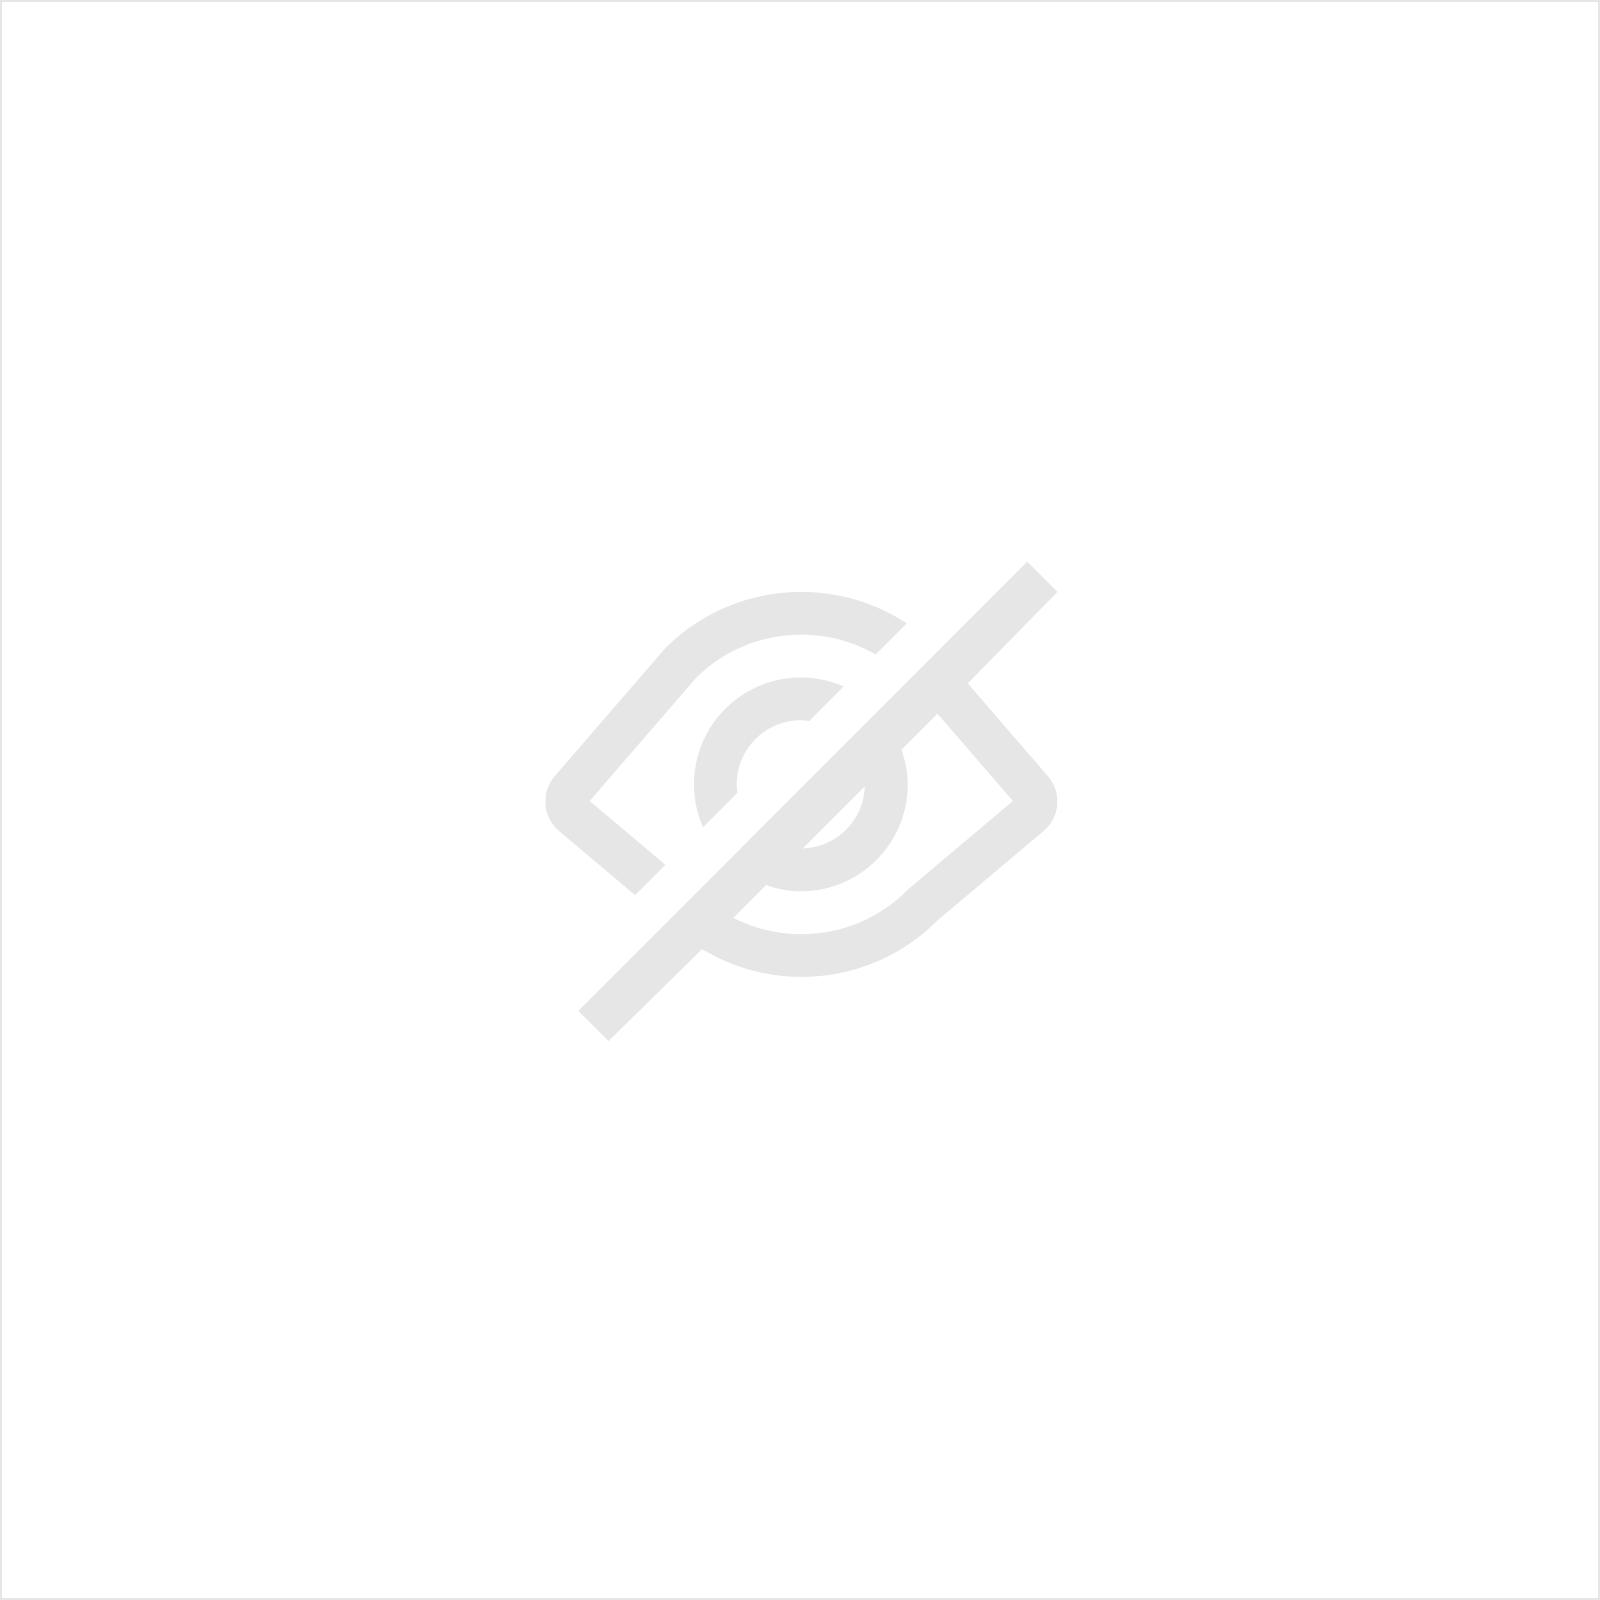 MOTORBLOK STANDAARD 900 KG